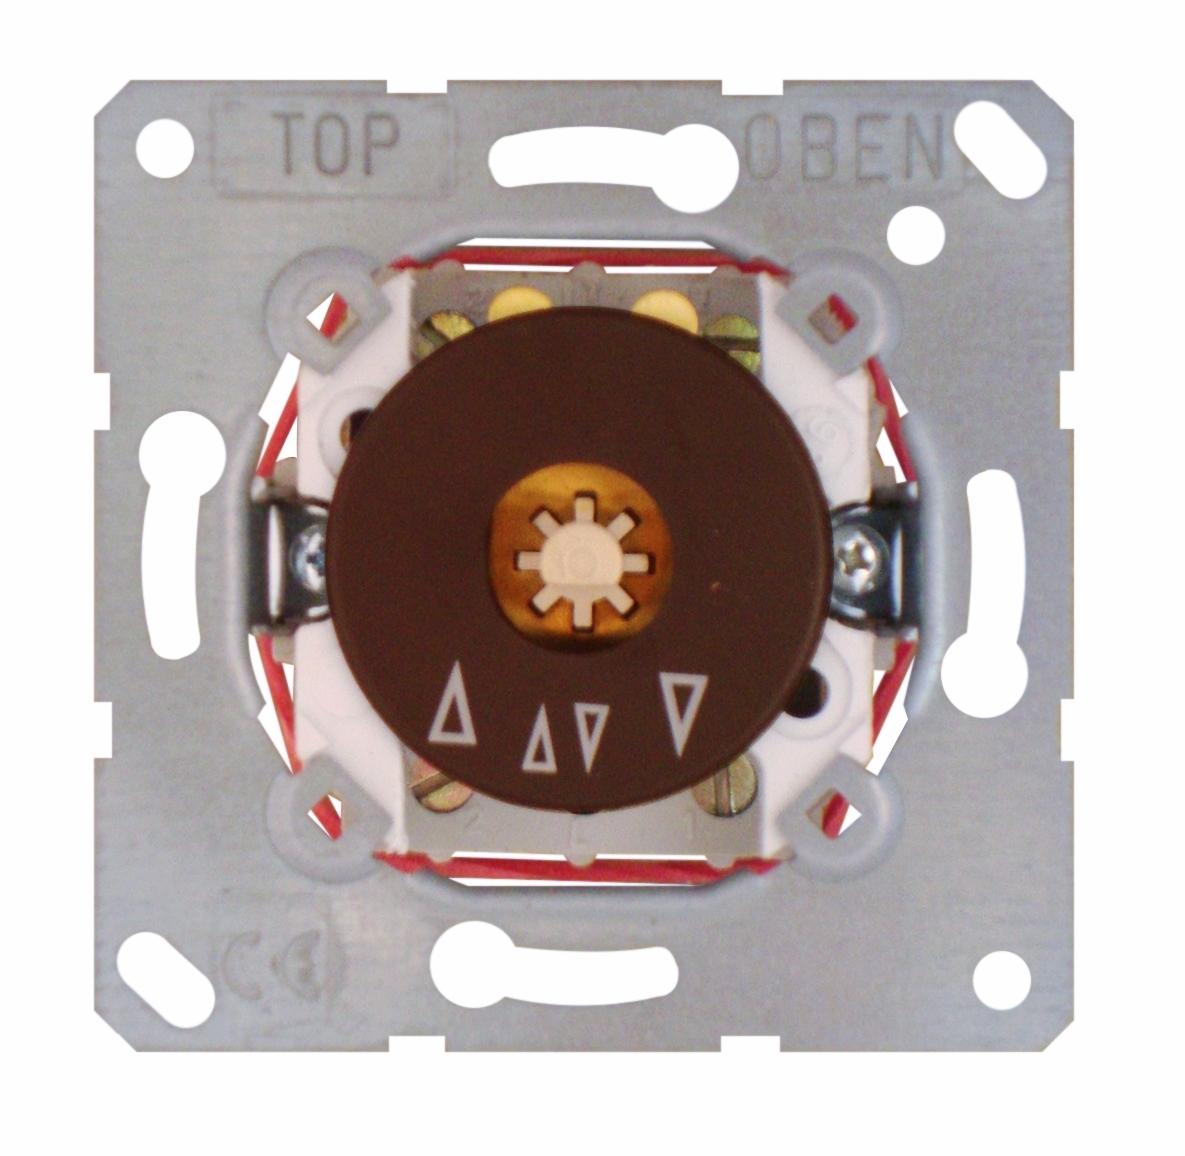 1 Stk UP-Einsatz Jalousie-Drehschalter 2-polig, 10 A 250 V~ (SK) EL121820--